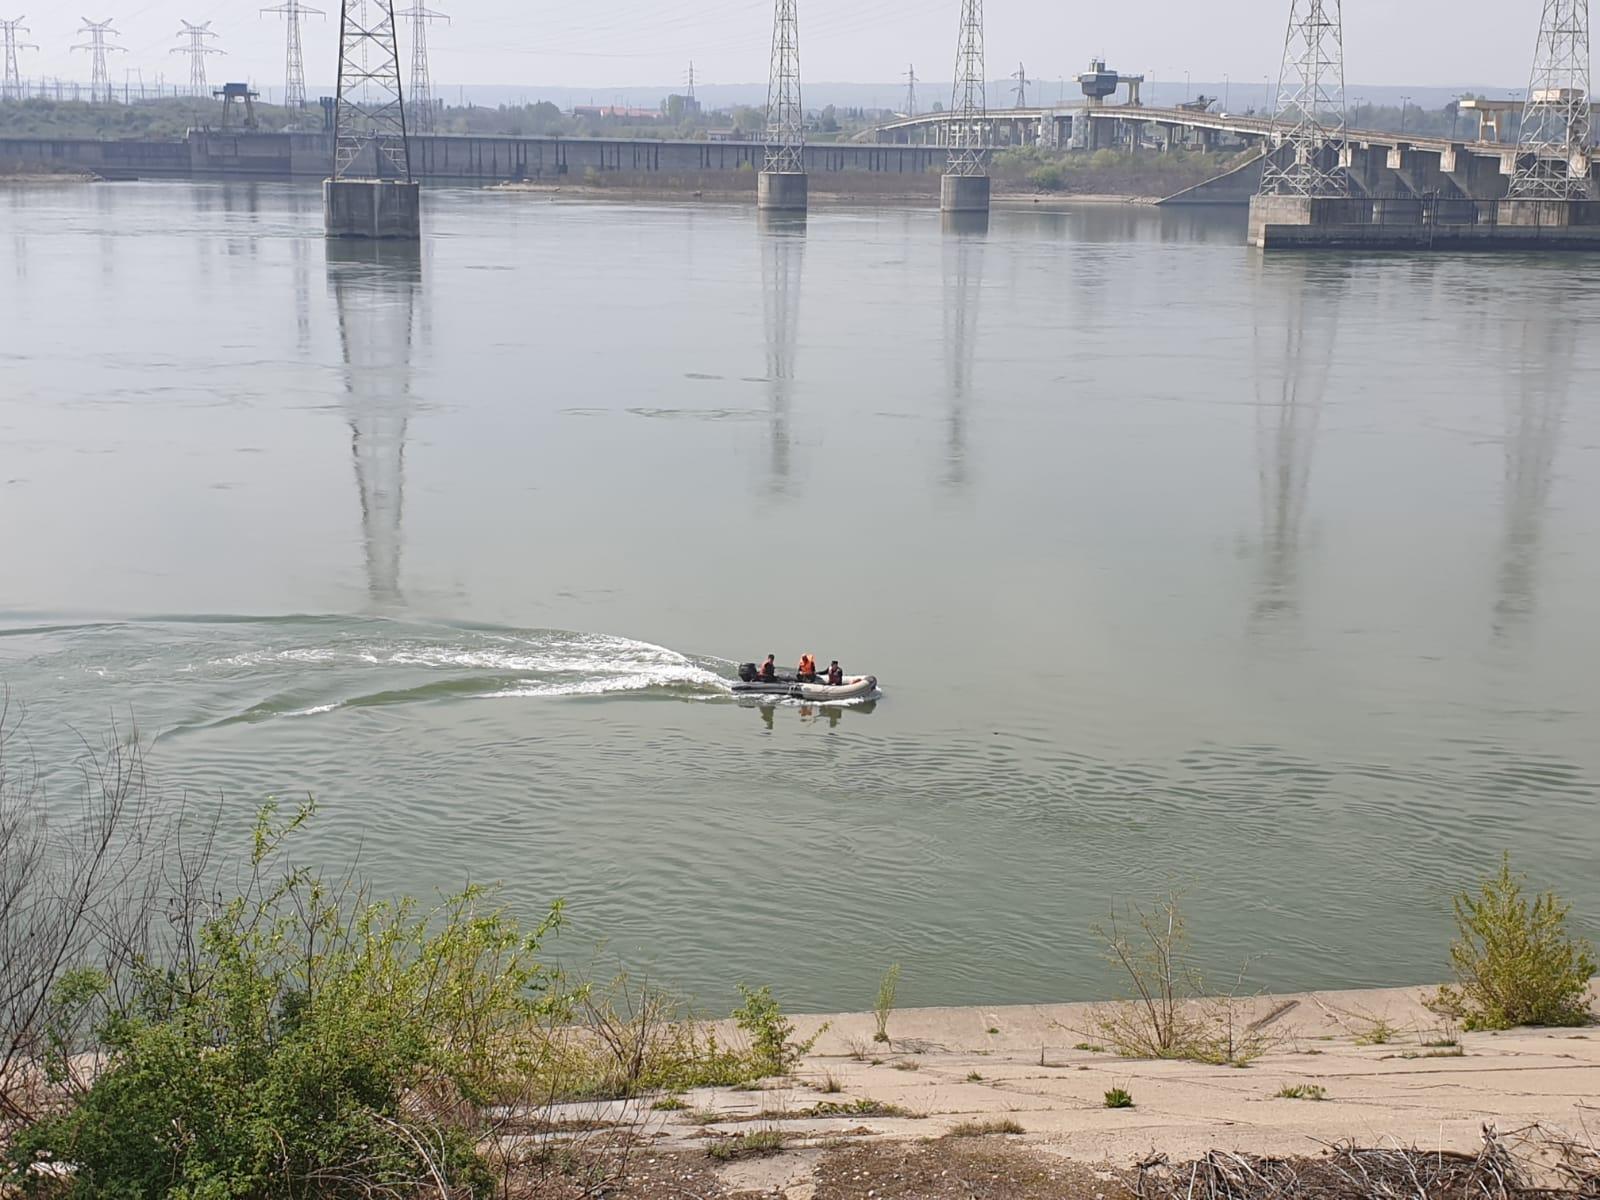 Un bărbat înecat este căutat de pompieri în apropierea hidrocentralei Porțile de Fier II